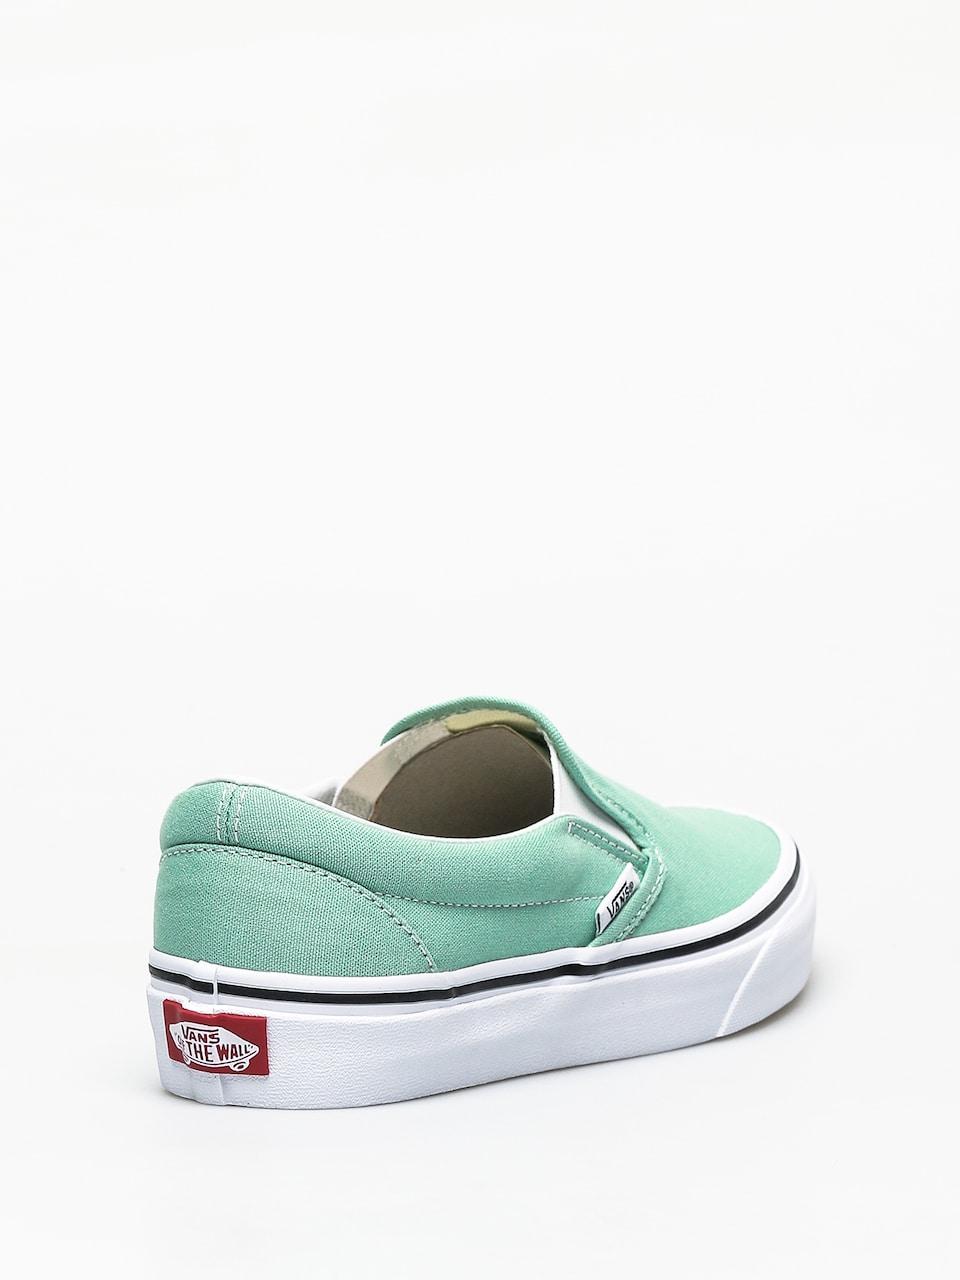 Vans Slip On Neptune Green & White Skate Shoes